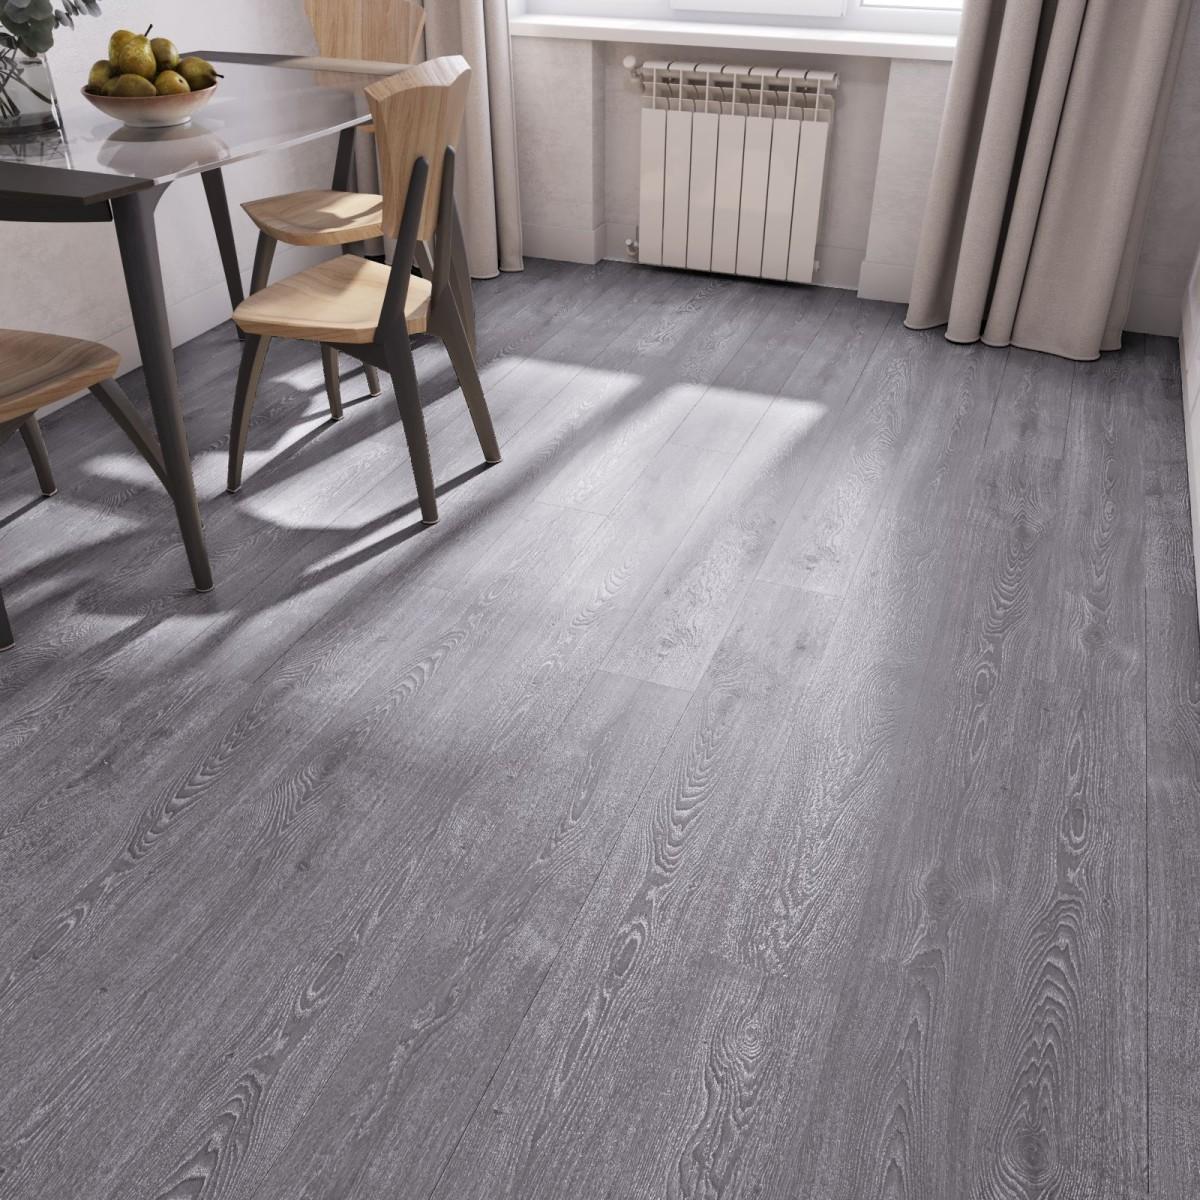 Ламинат Artens Дуб романский 33 класс толщина 8 мм 2.13 м²